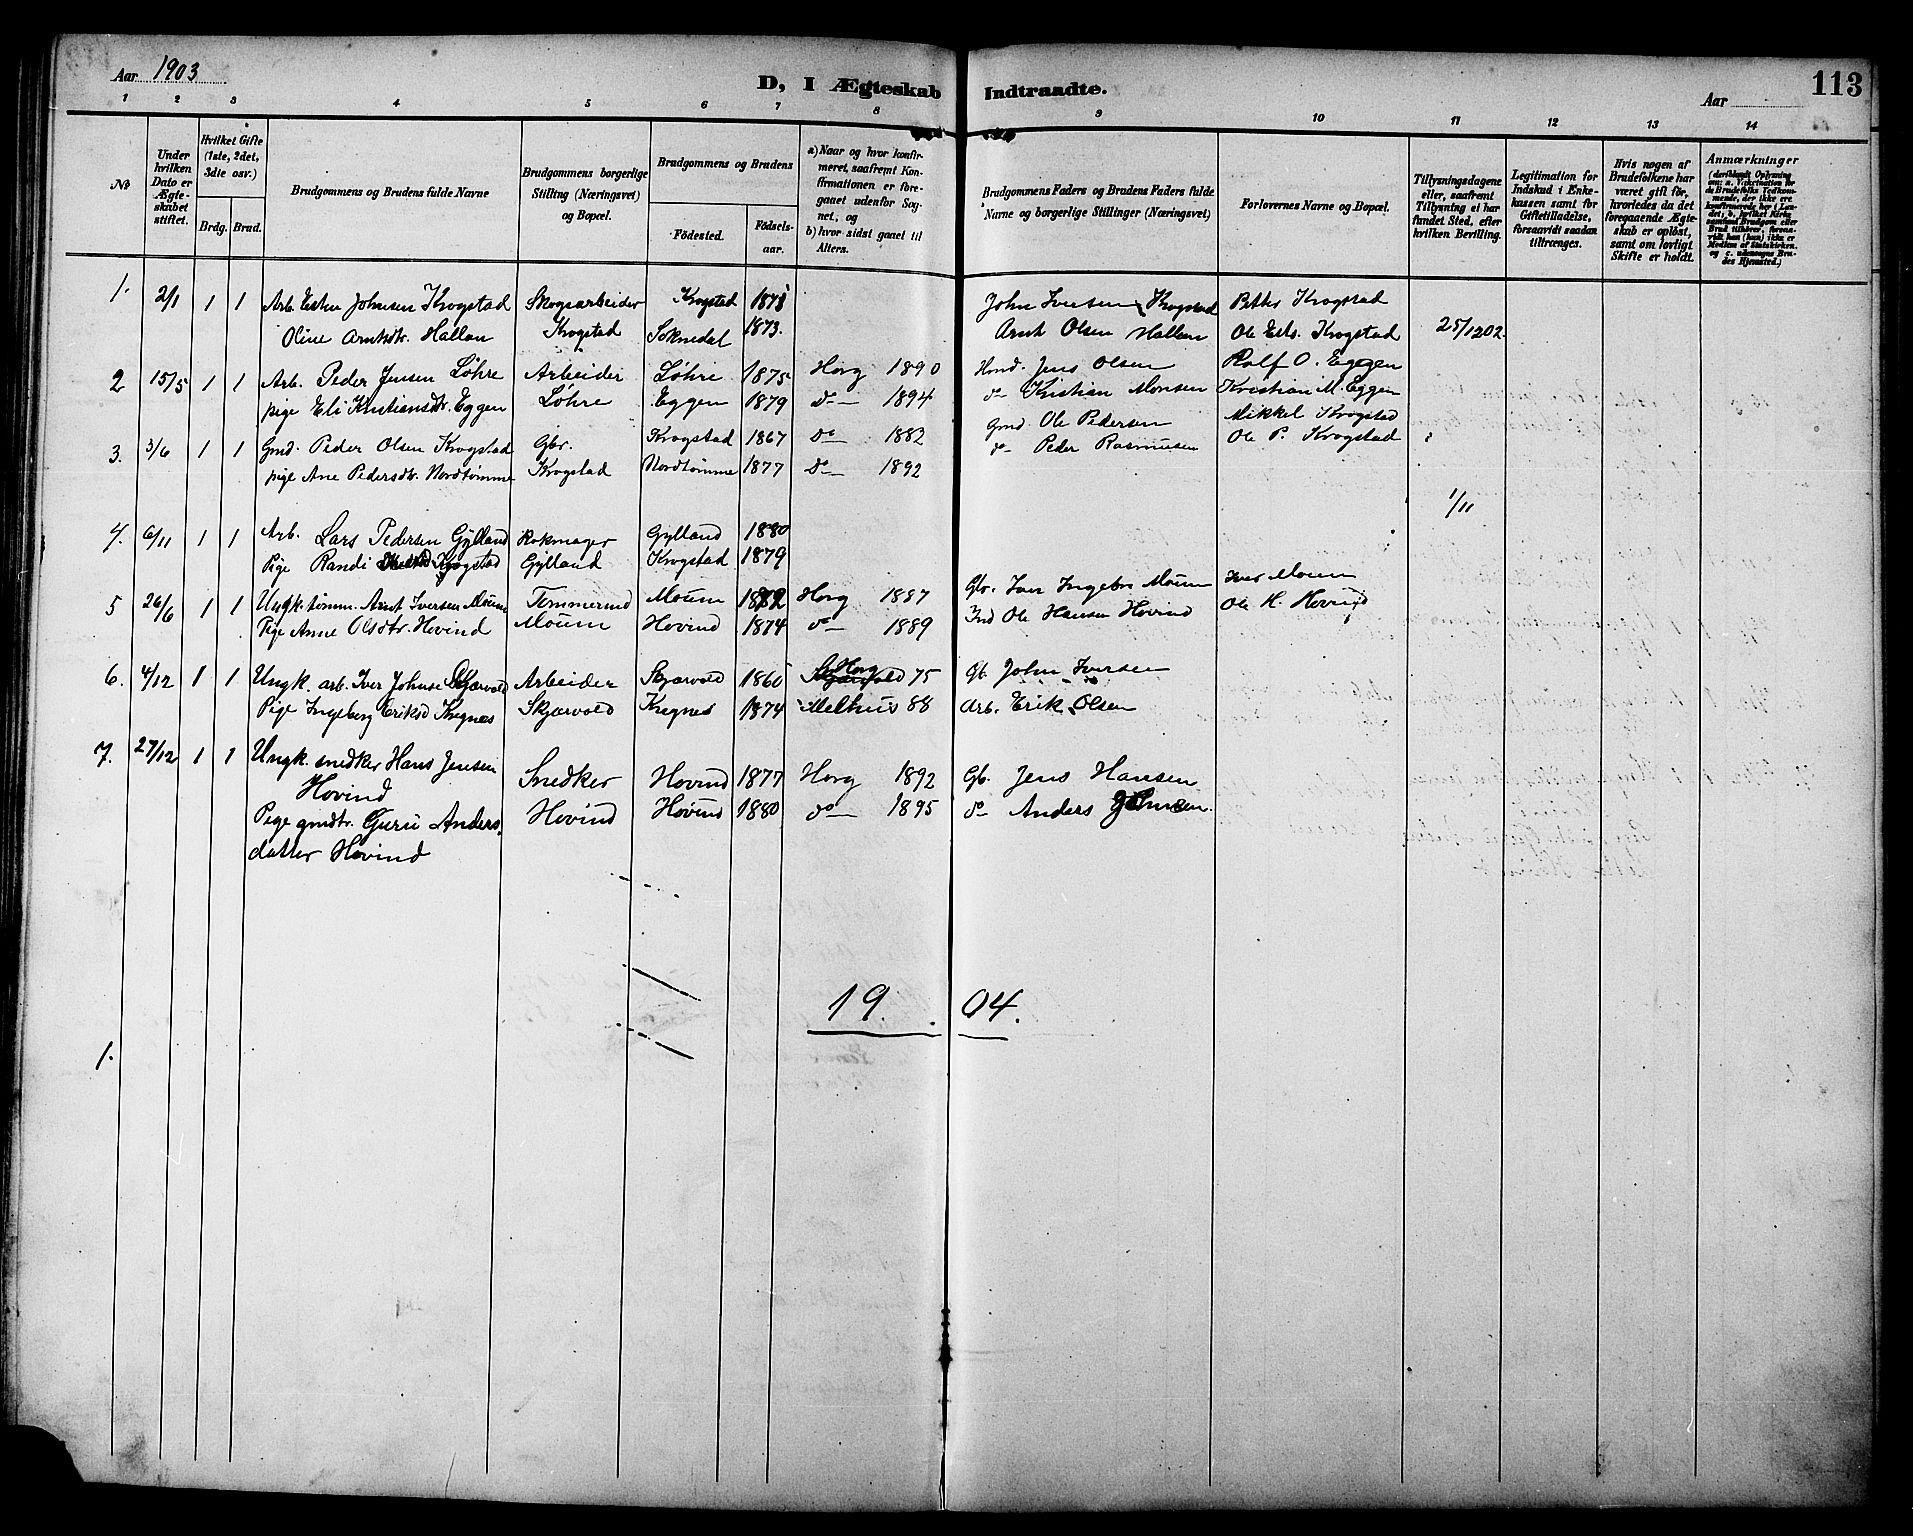 SAT, Ministerialprotokoller, klokkerbøker og fødselsregistre - Sør-Trøndelag, 692/L1111: Klokkerbok nr. 692C06, 1890-1904, s. 113